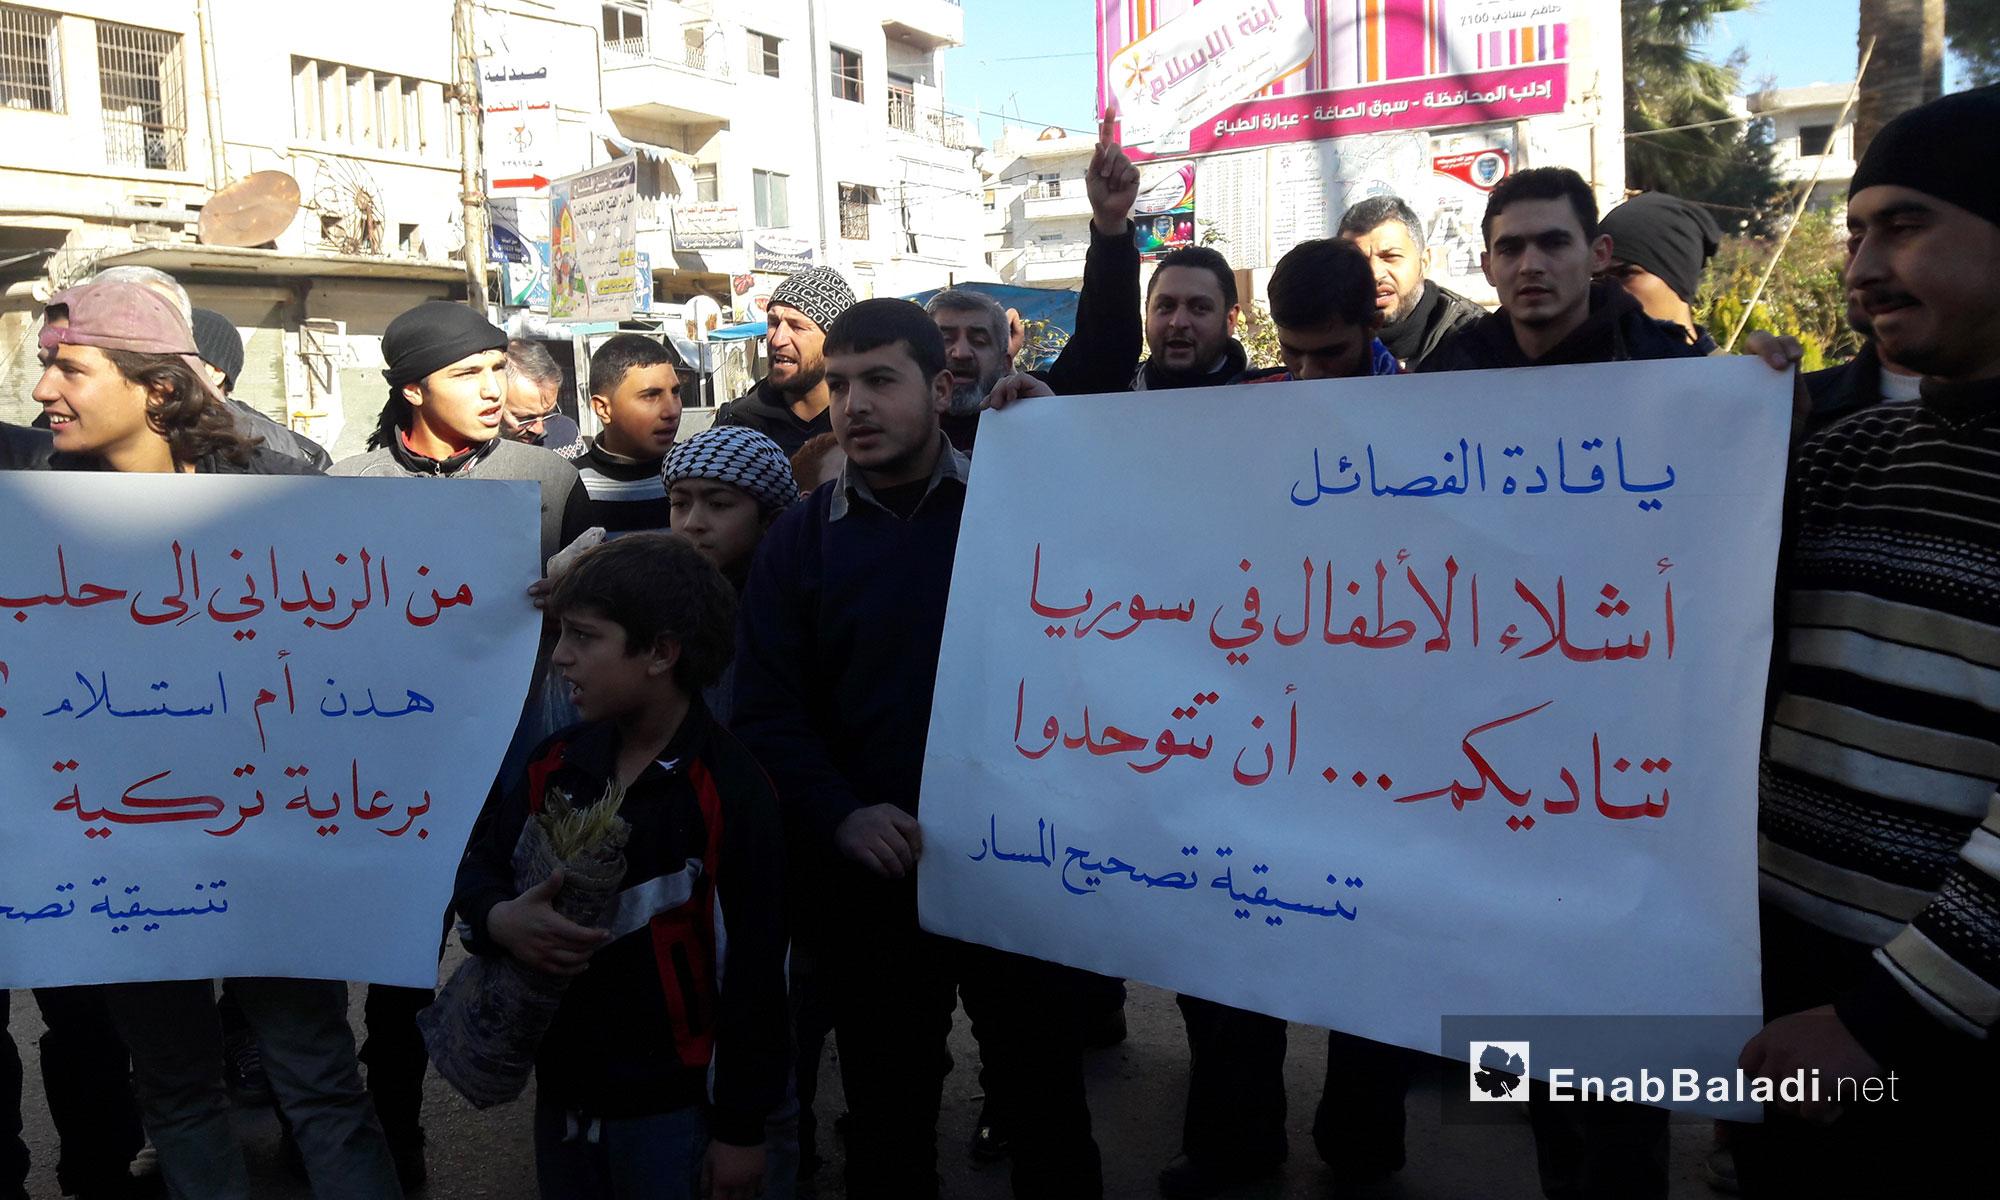 مظاهرة من مدينة ادلب بعد صلاة الجمعة تضامناً مع حلب - 9 كانون الأول 2016 (عنب بلدي)